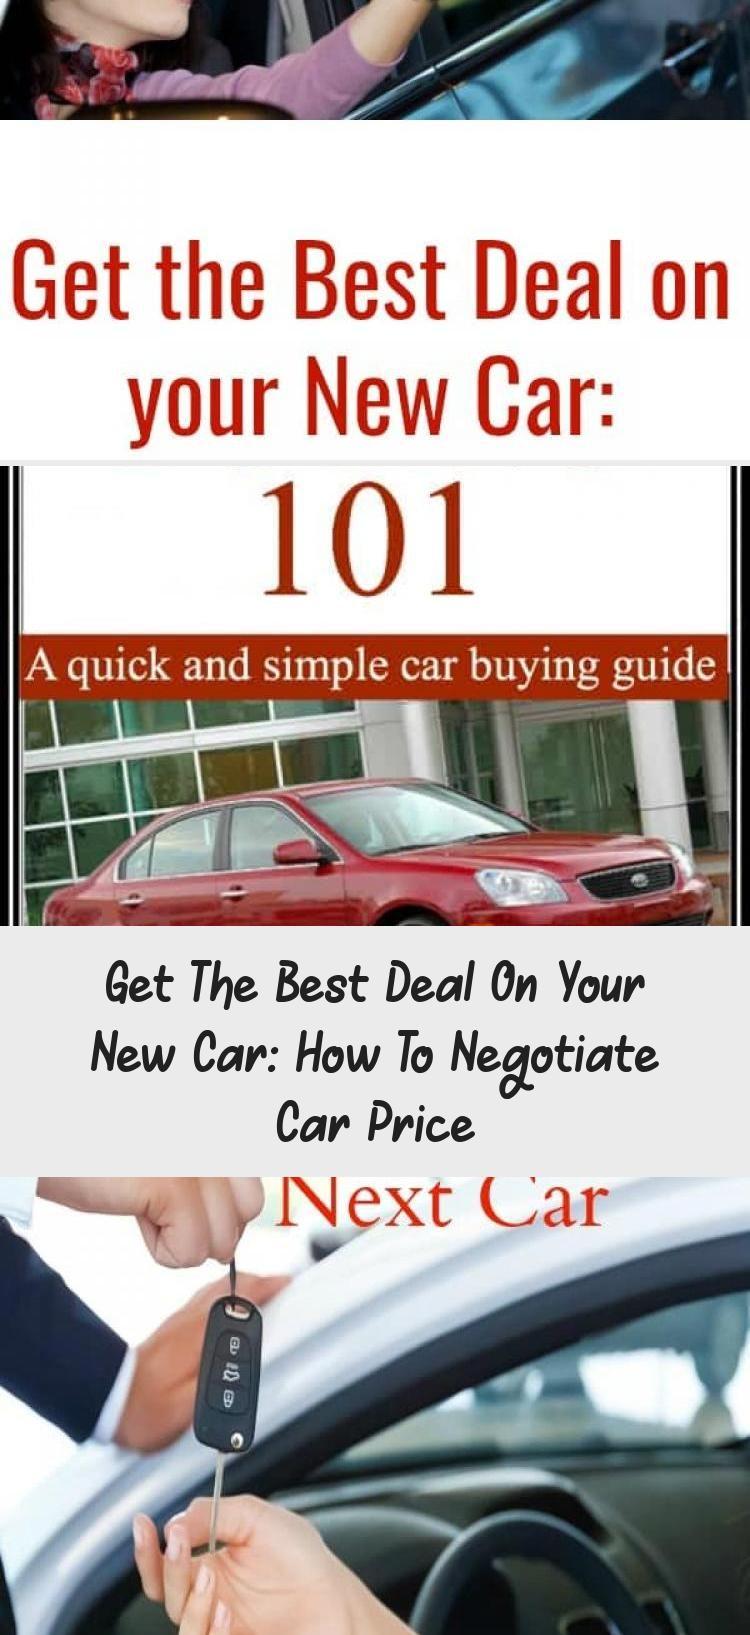 fc13d40e8207b1b9ab58756e4285ecdb - How To Get A Used Car For The Best Price